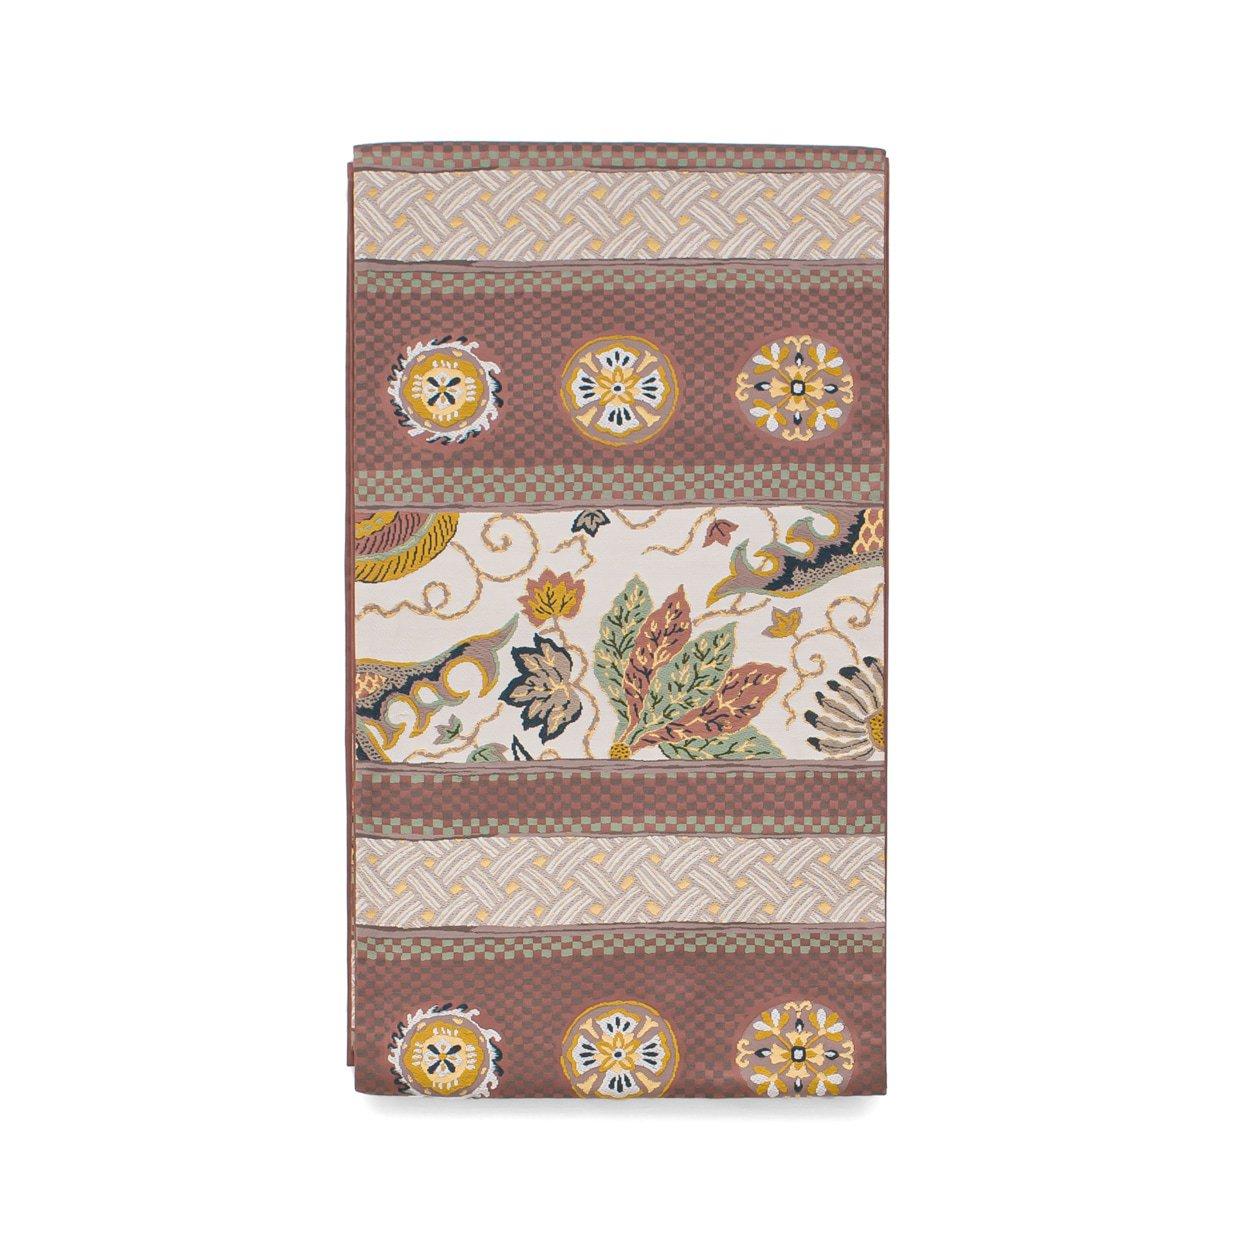 「洒落袋帯●市松に葉や紋章など」の商品画像